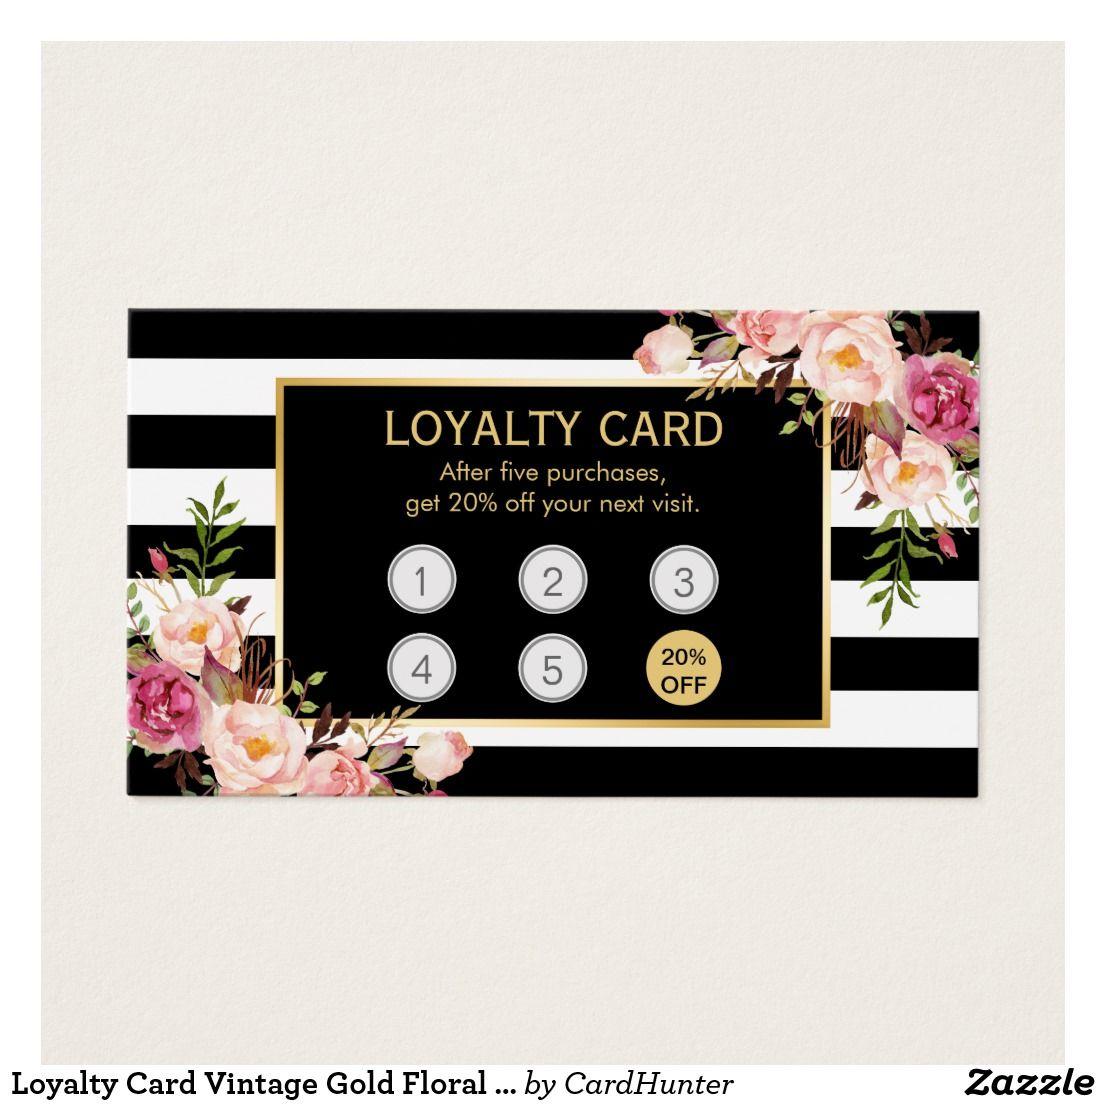 Loyalty Card Vintage Gold Floral Beauty Salon  Zazzle.com